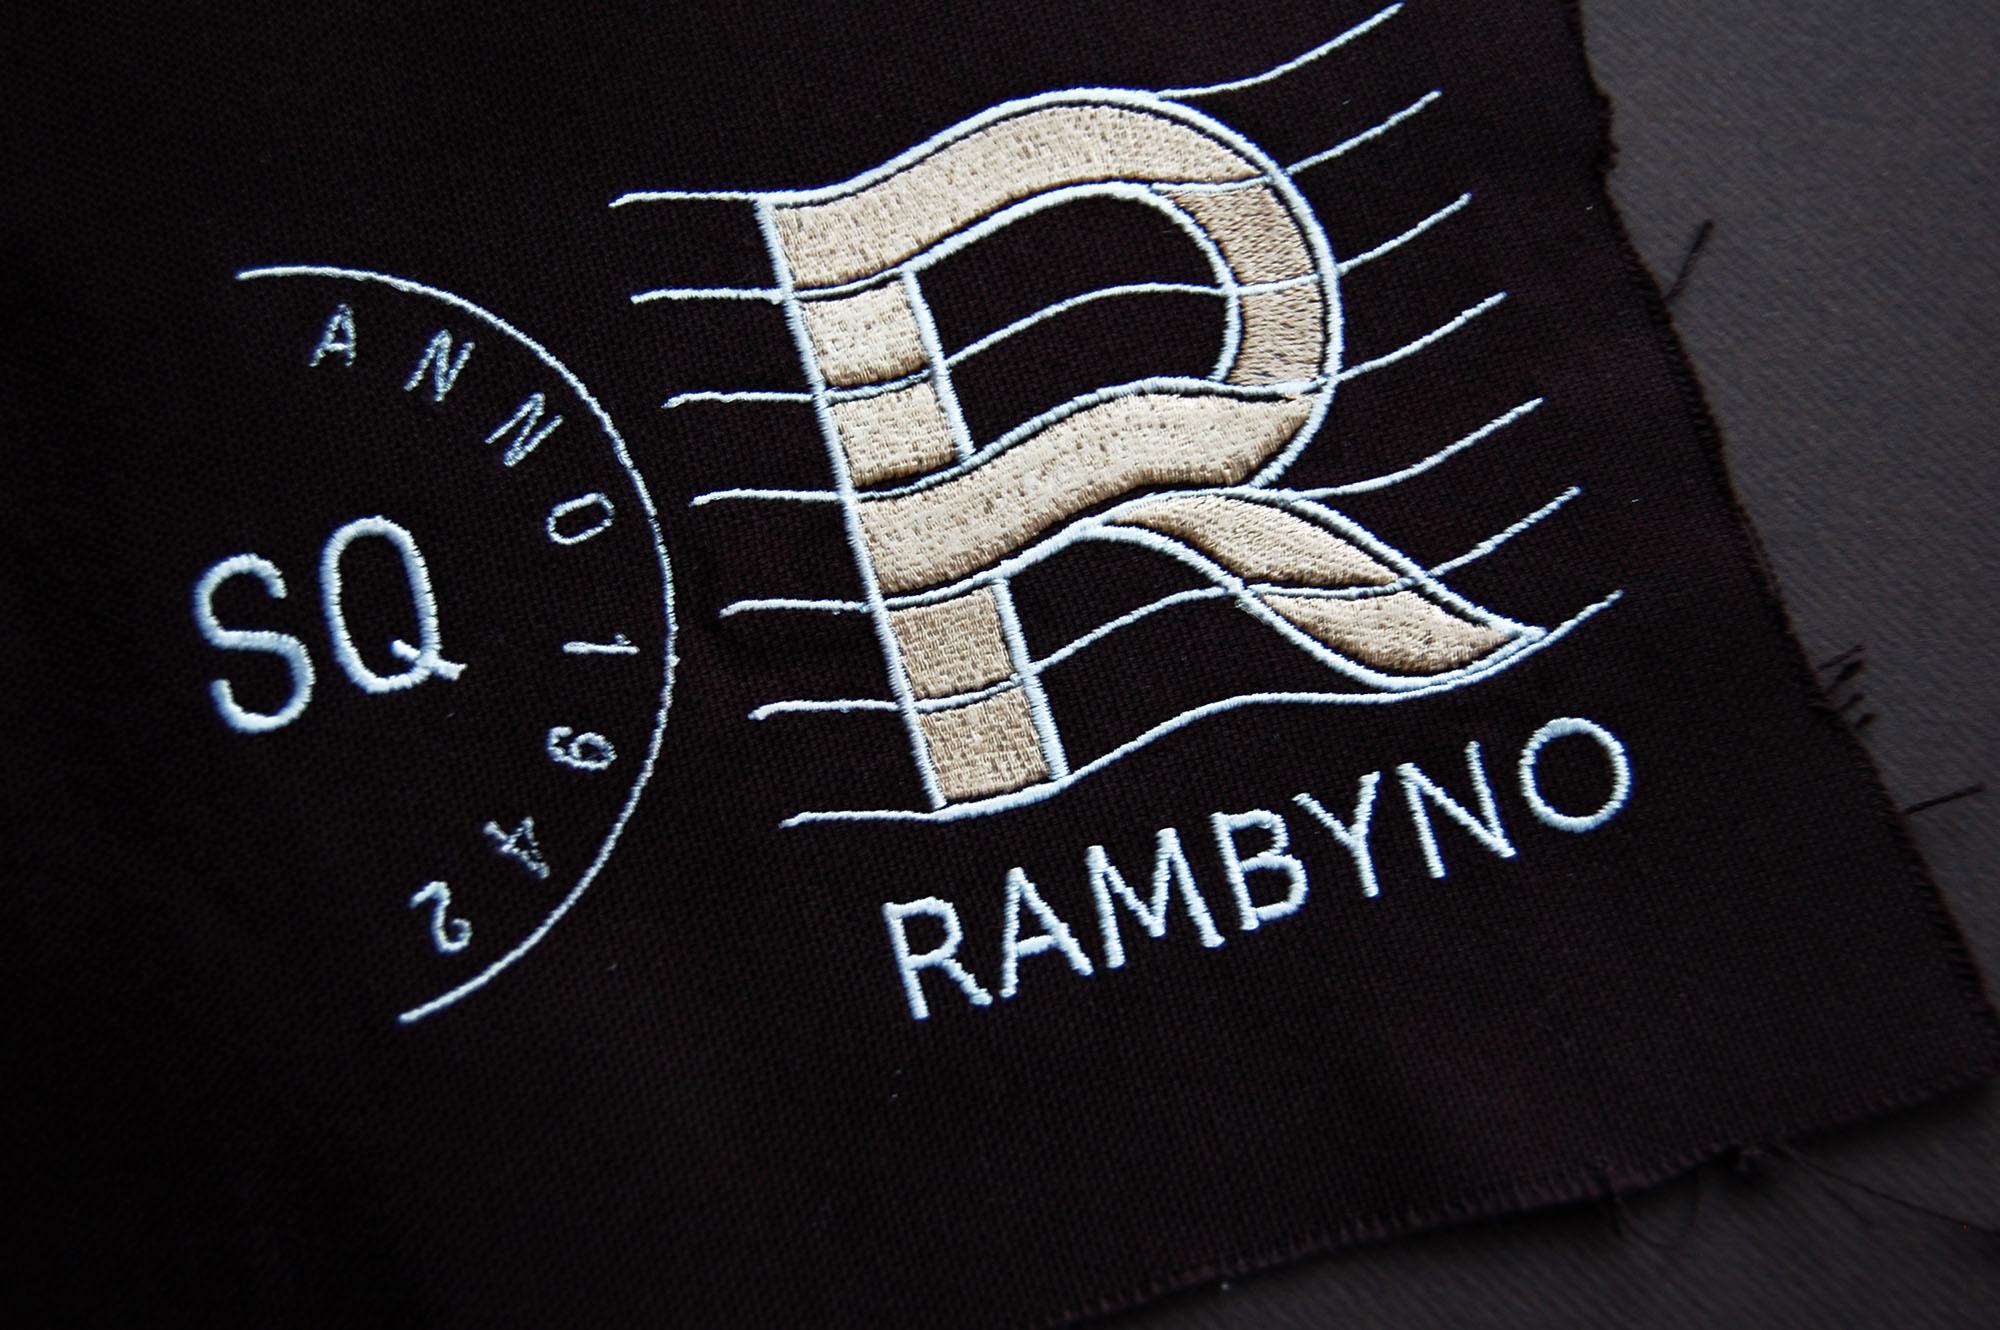 Rambyno postmark